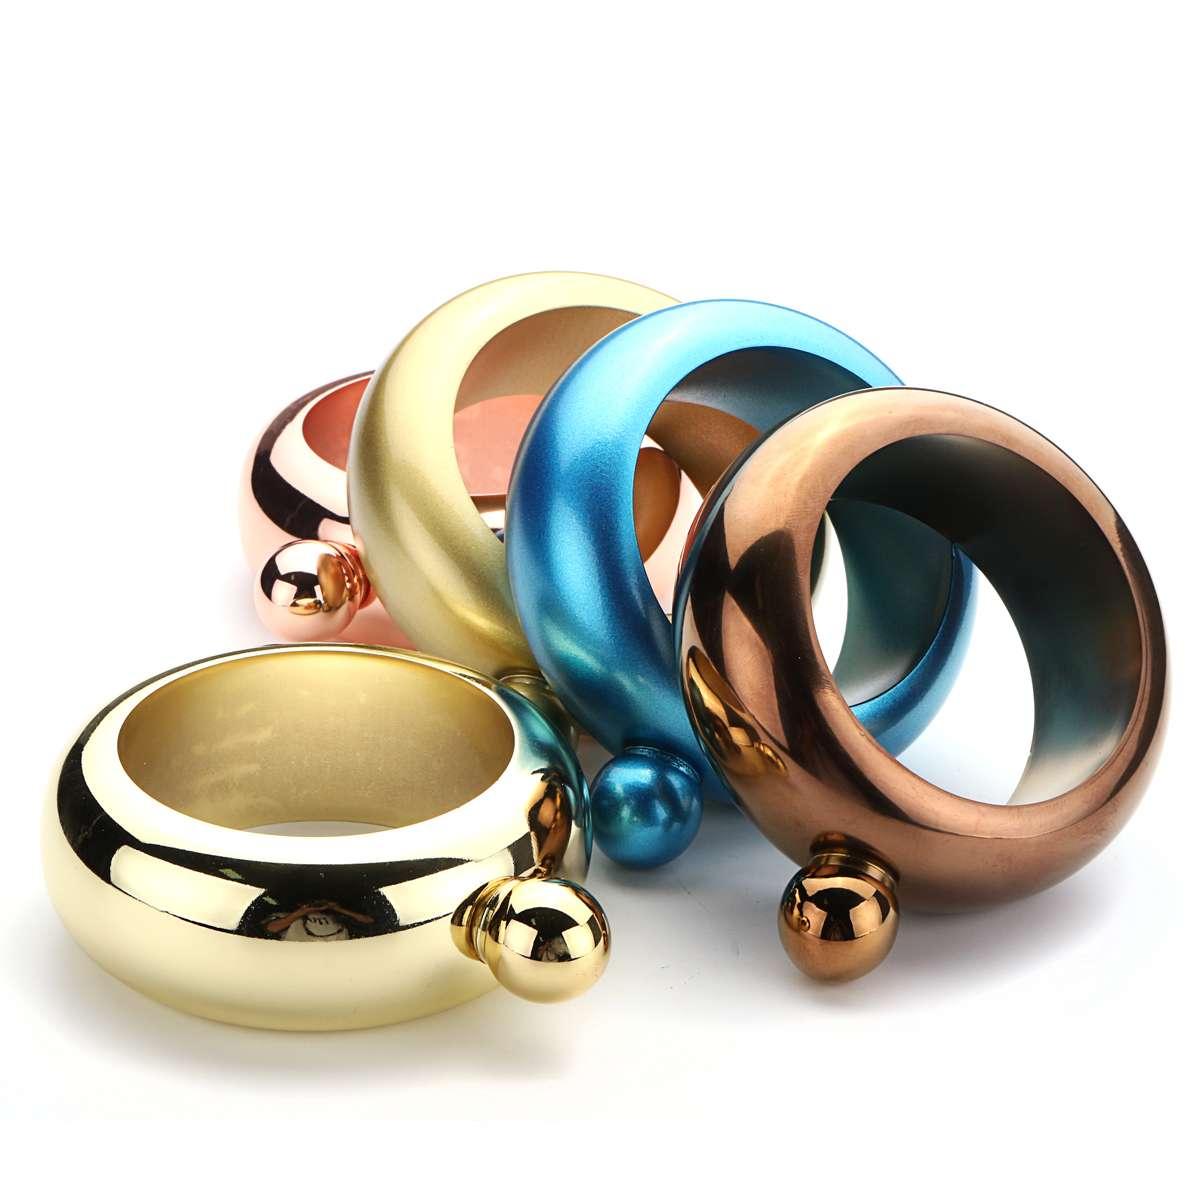 Stainless Steel Bangle Bracelet Hip Flask Alcohol Whiskey Liquor Pot Holder Drinkware Jewellery Gift